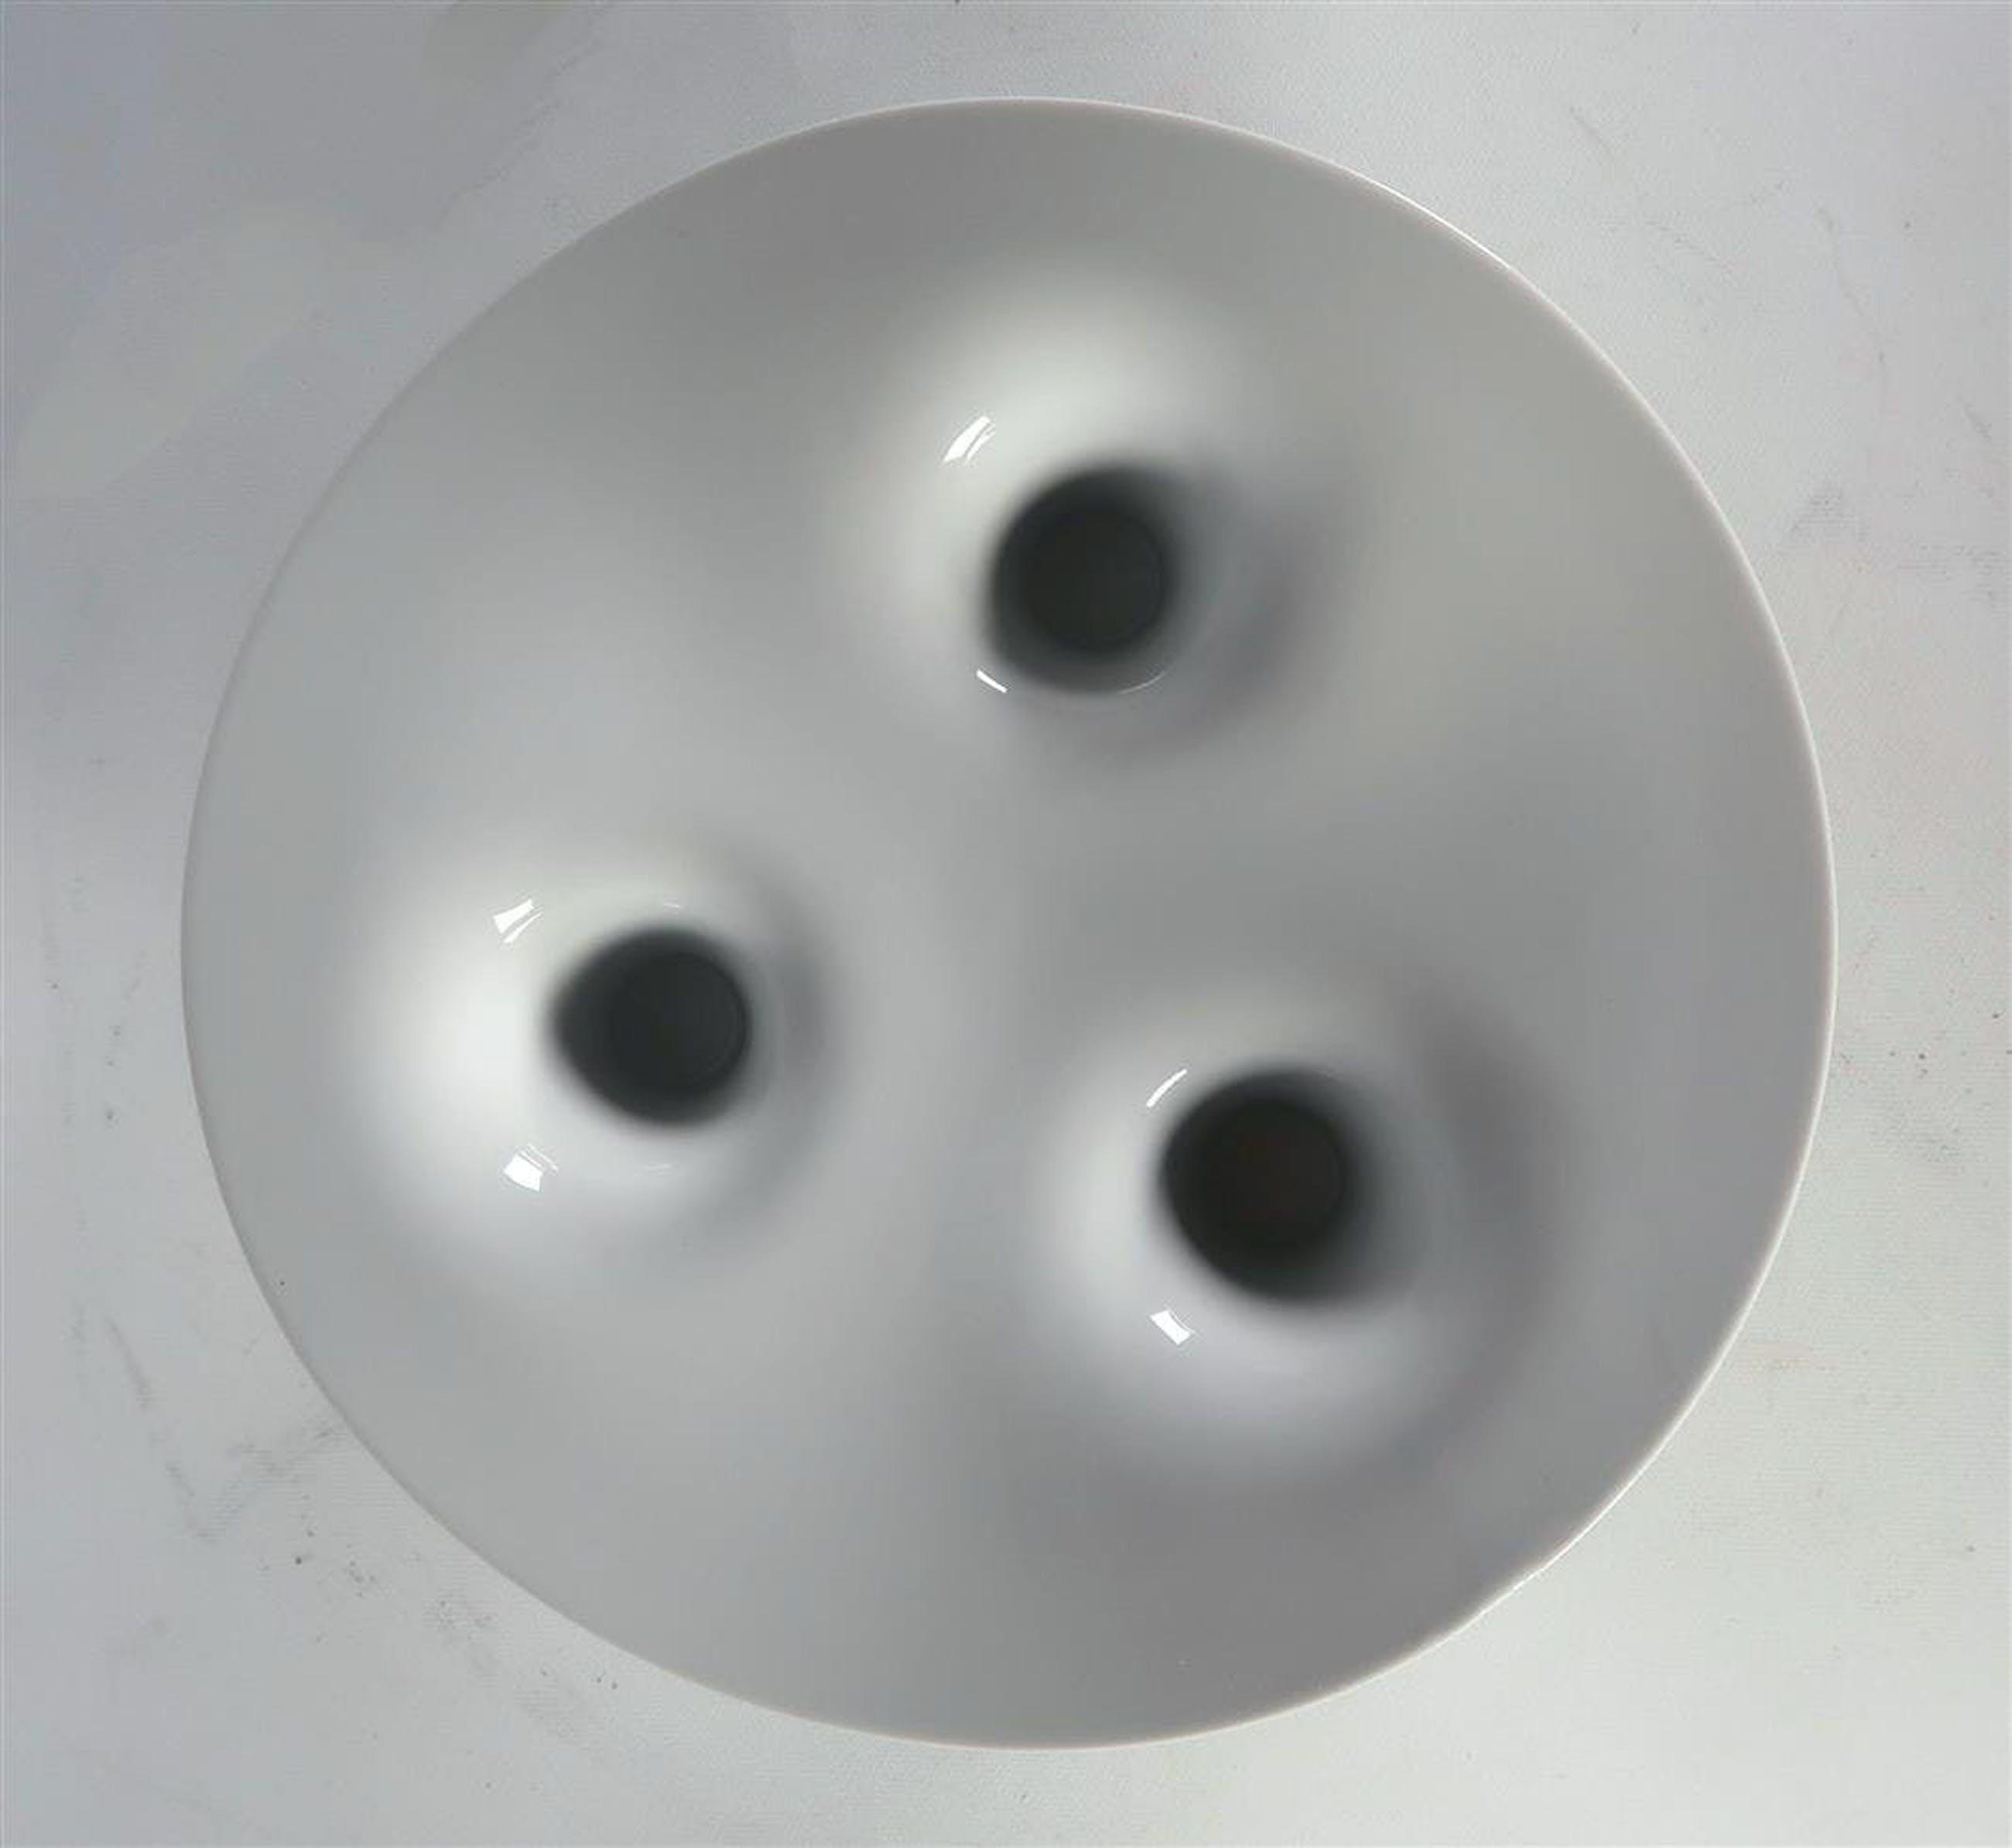 Willem Noyons - Porselein, Multifunctioneel object 2 delig kopen? Bied vanaf 35!